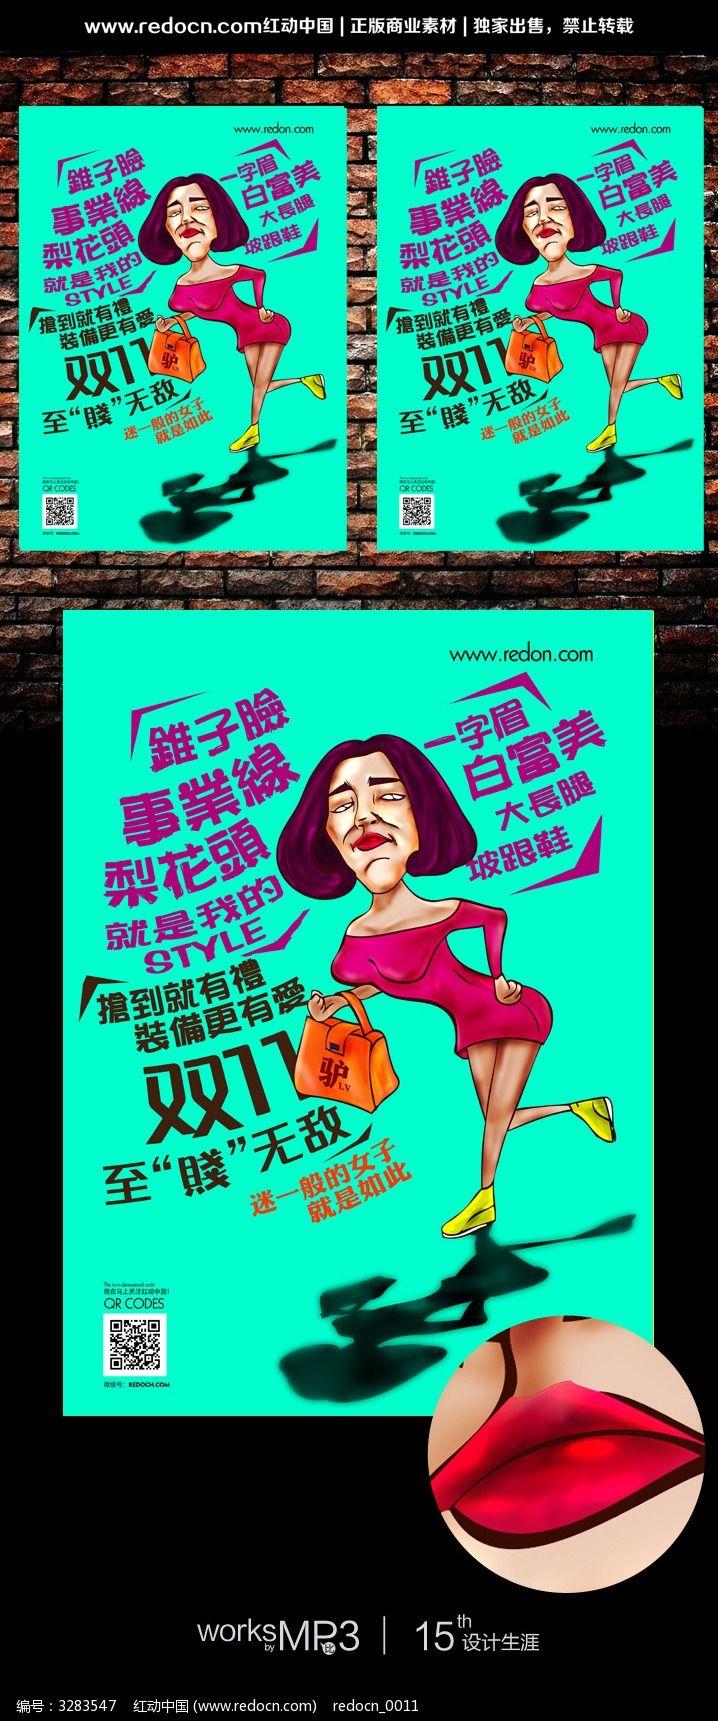 服装双11促销海报图片